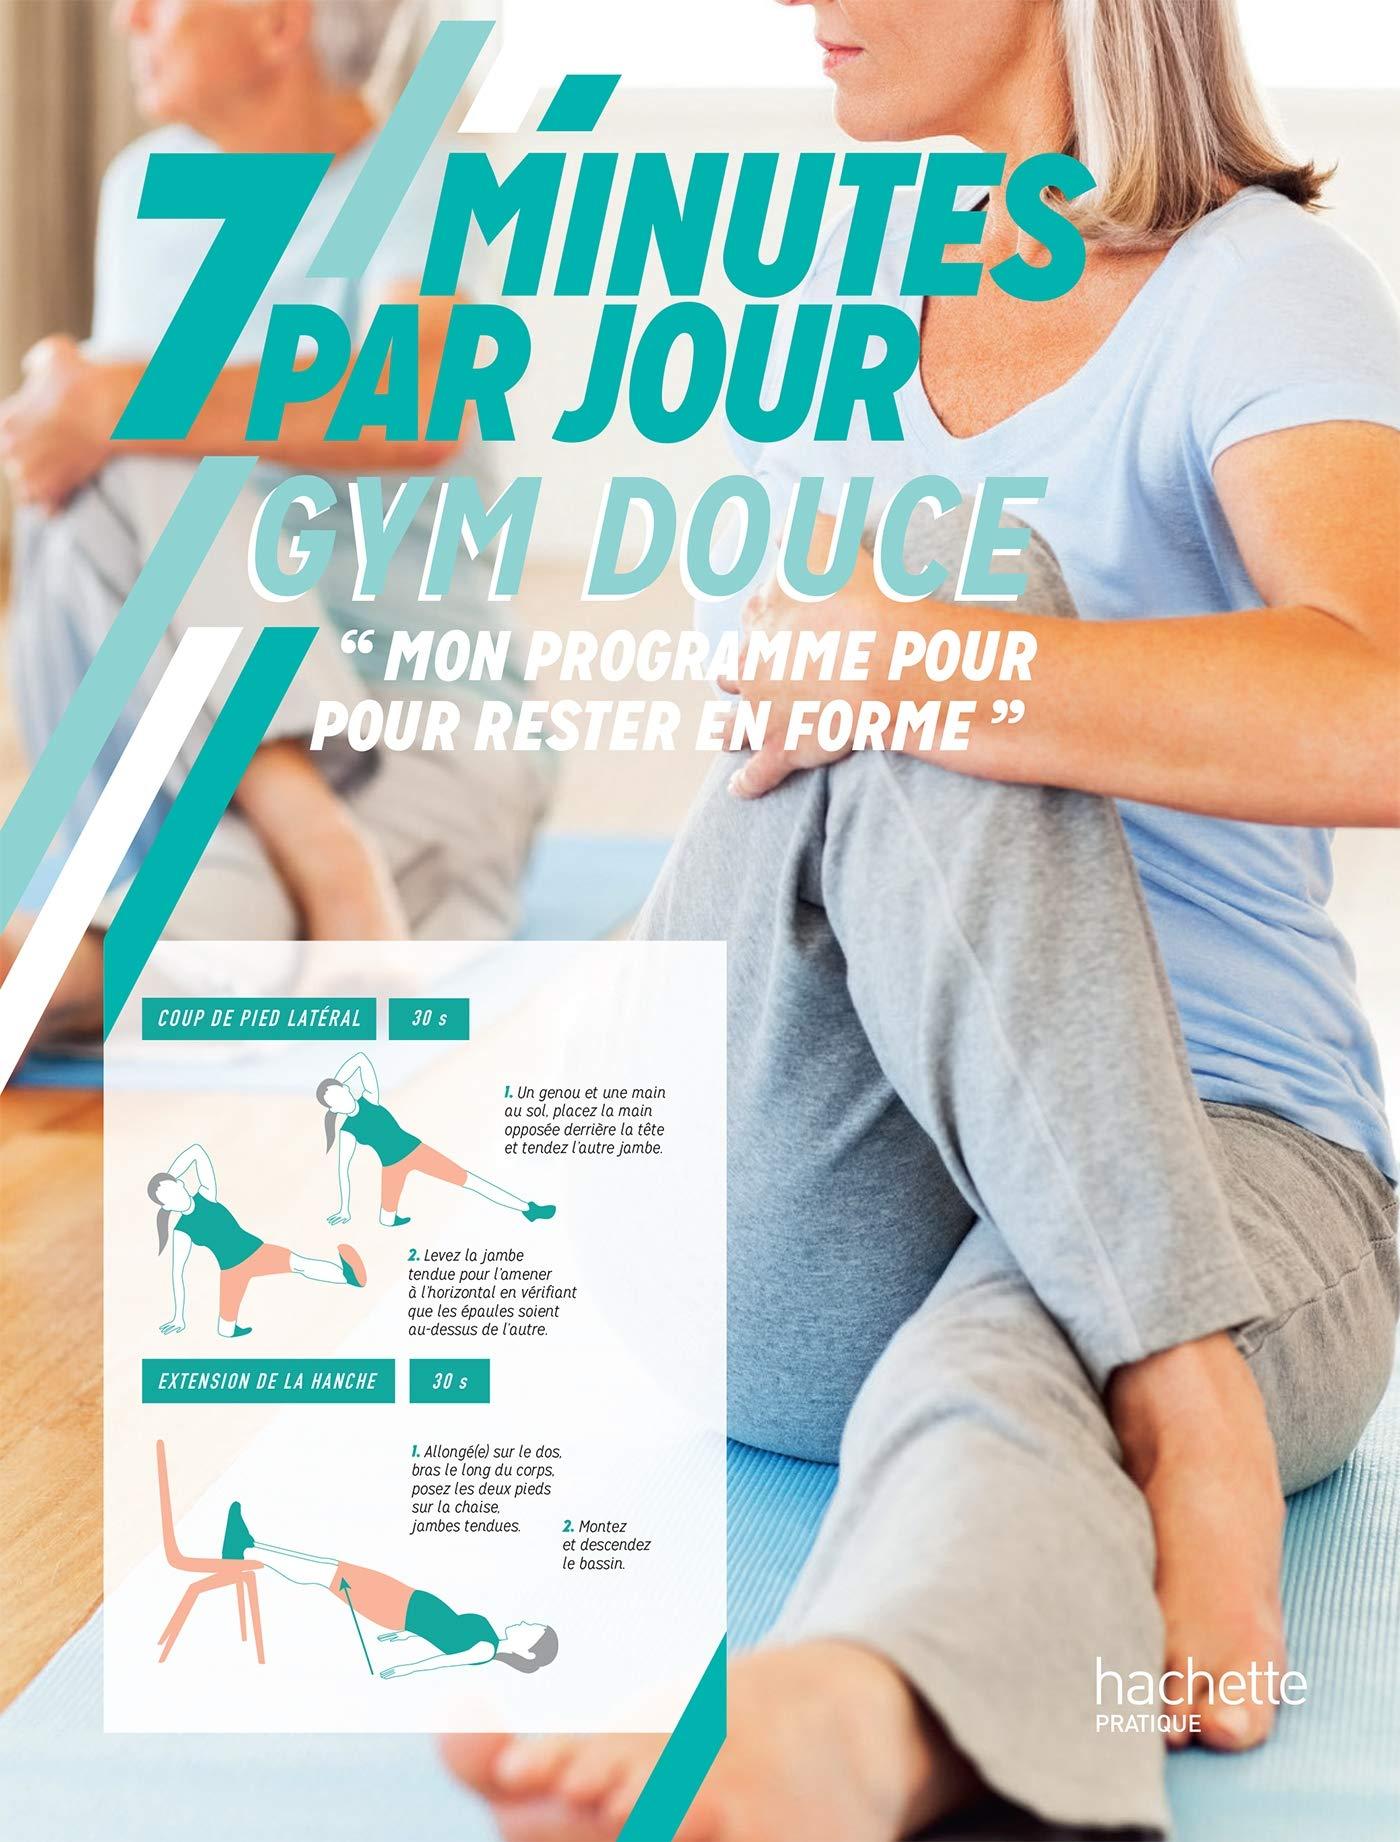 Gym douce : Mon programme énergie et régénération (7 minutes par jour)